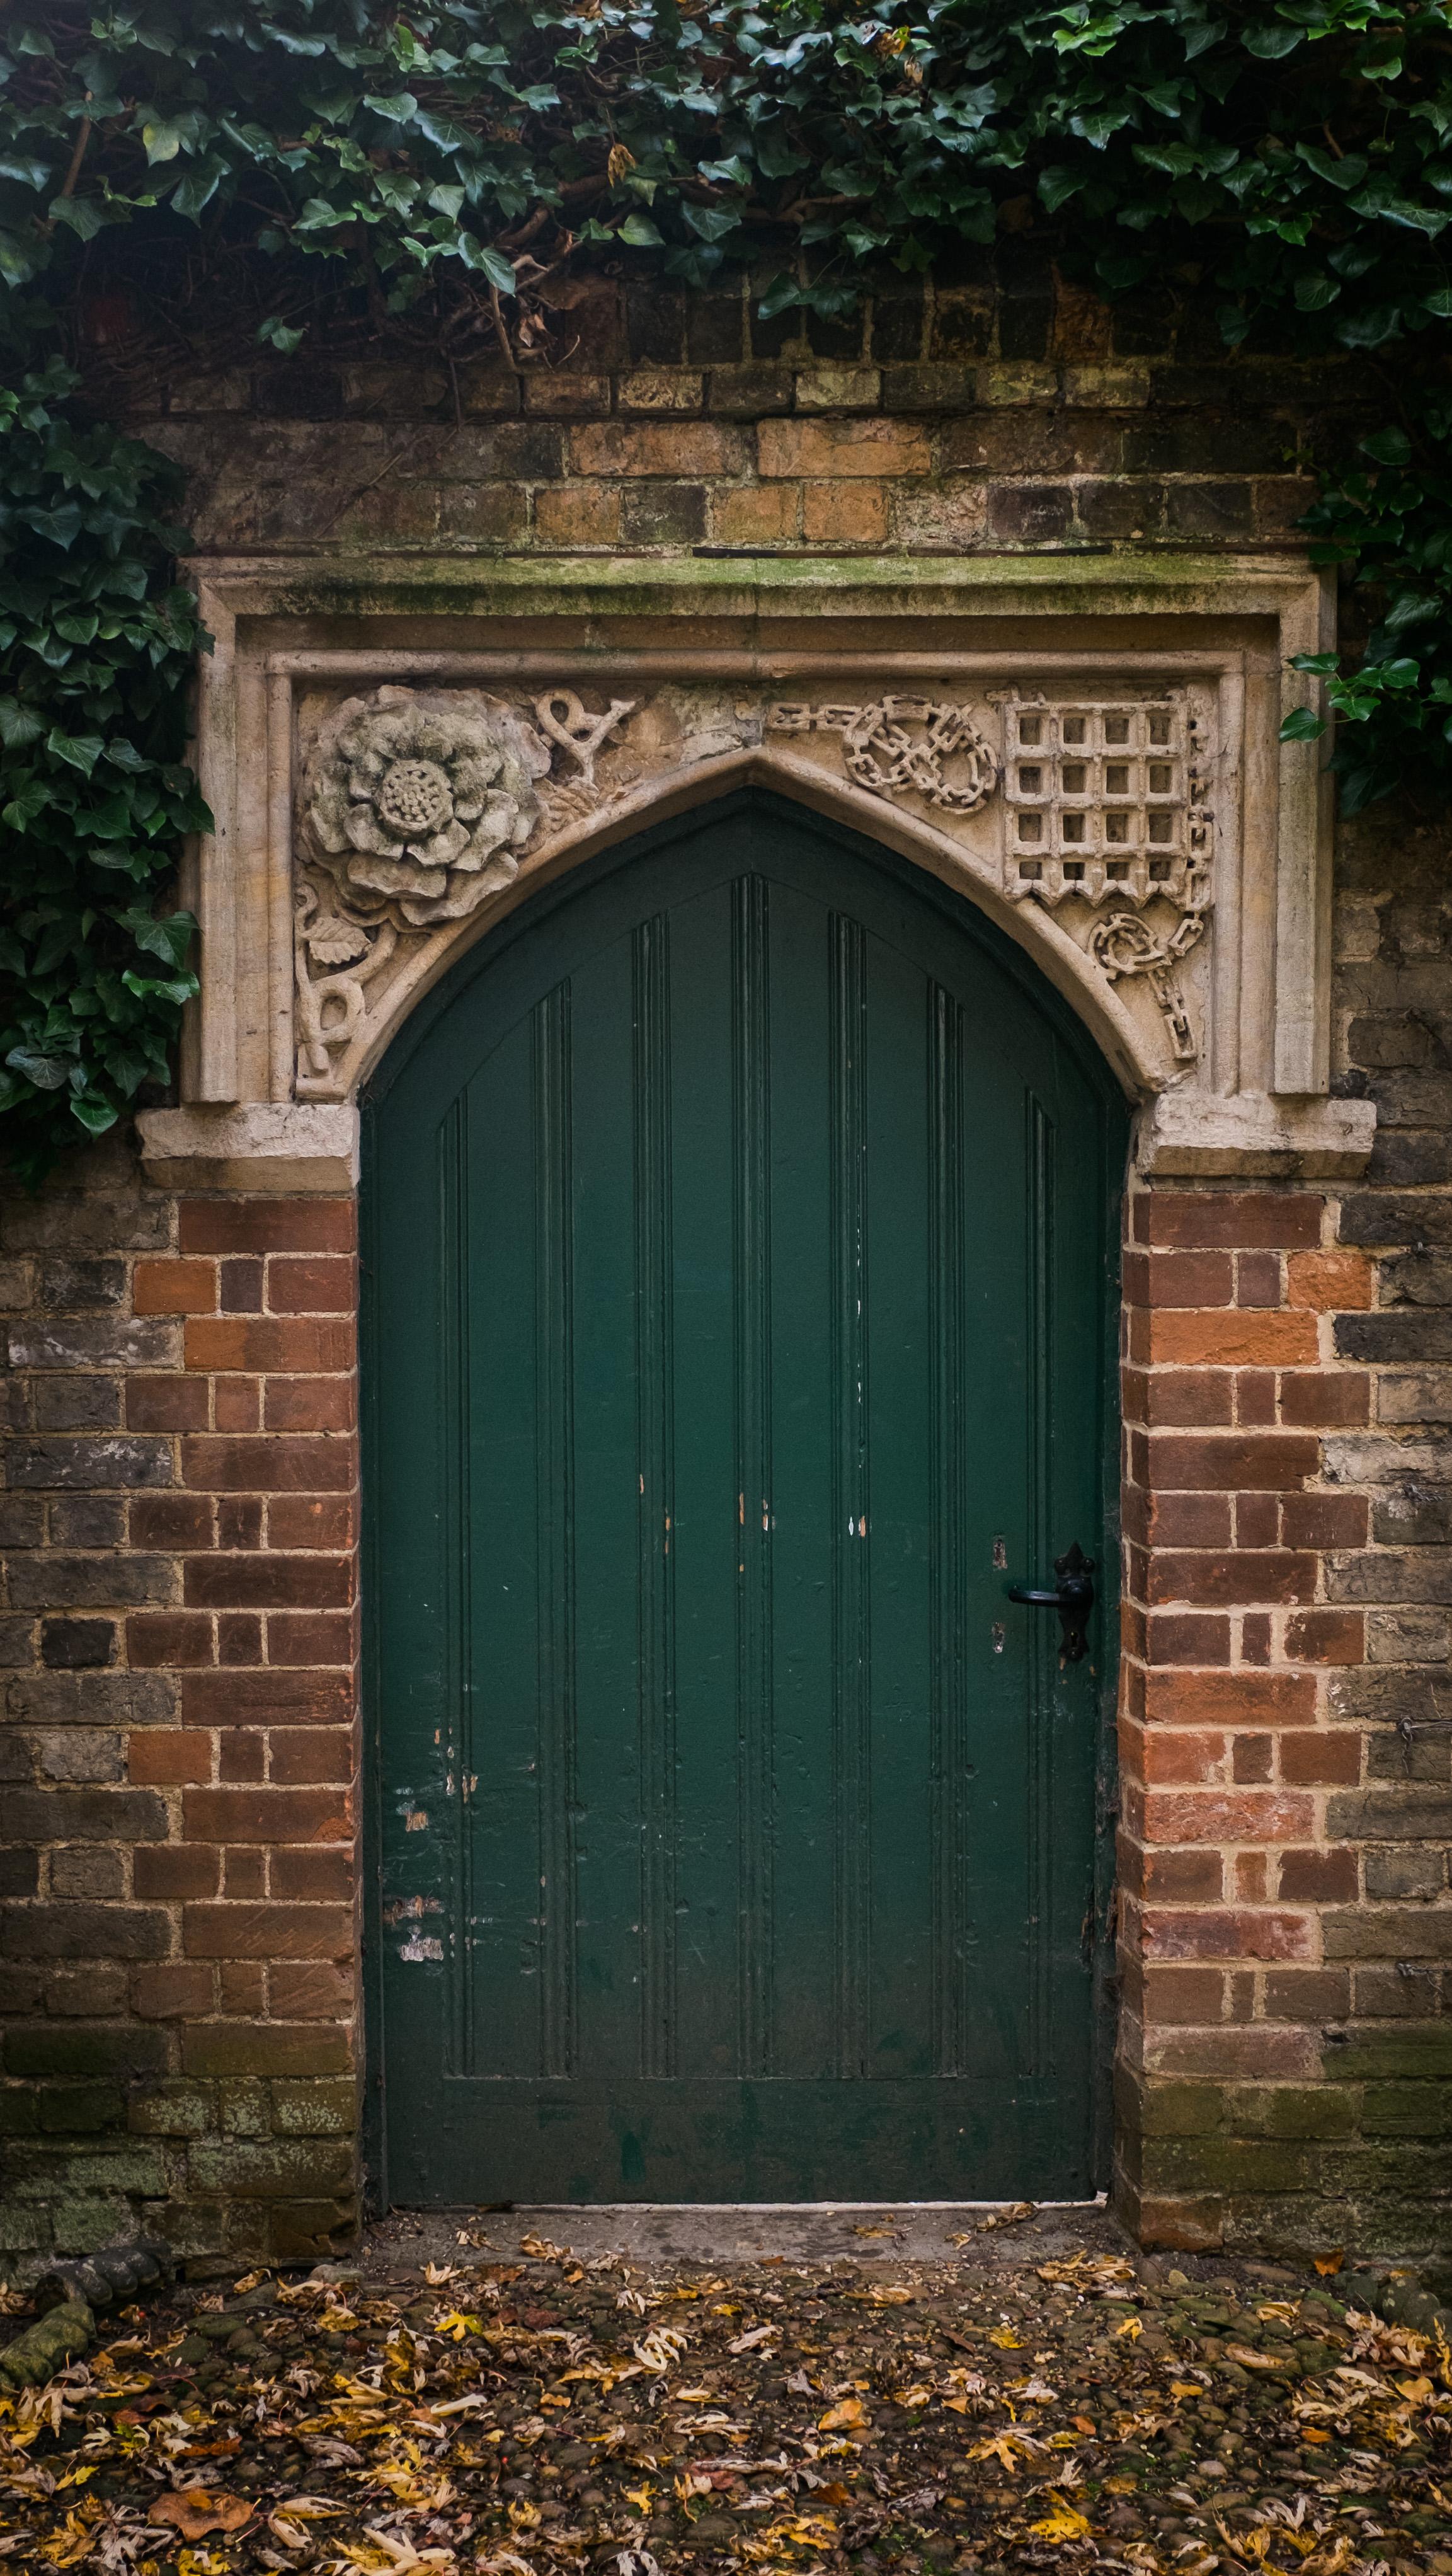 london-britian-cambridge-stmalo-mont-saint-michel-france-normandy-paris-015.jpg